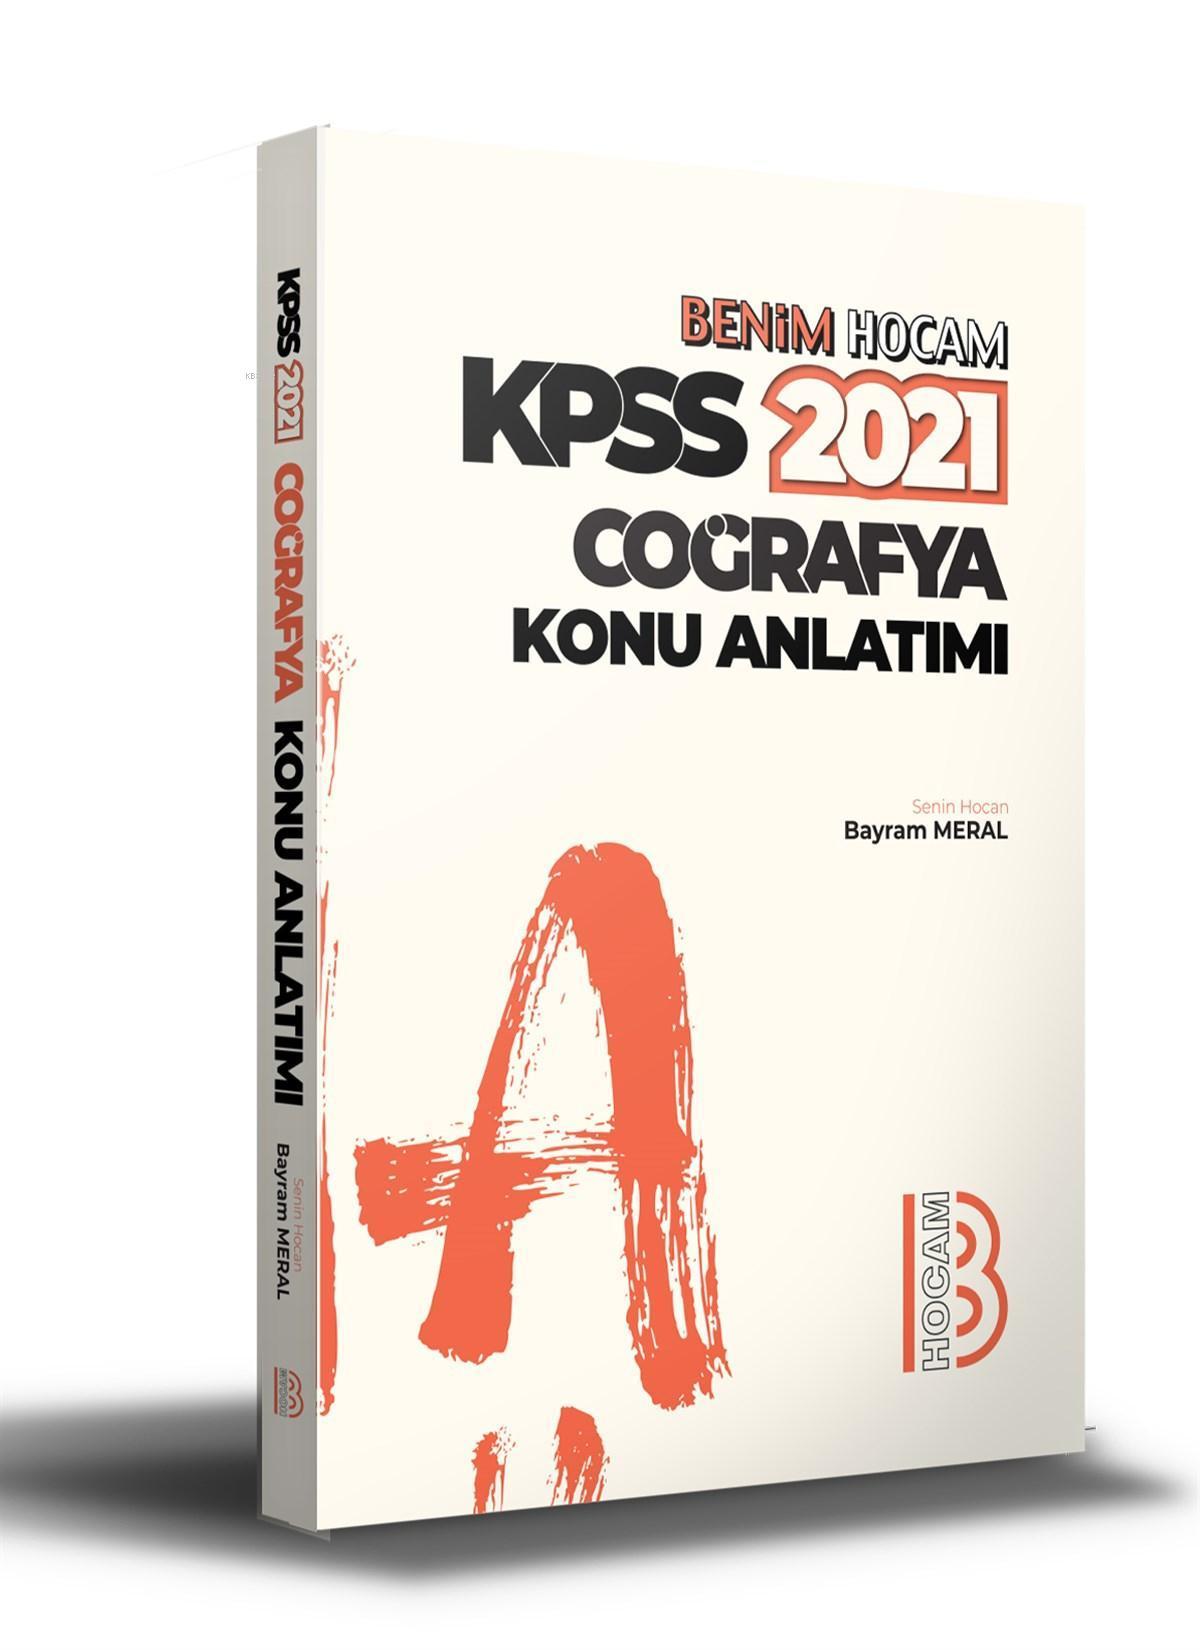 2021 KPSS Coğrafya Konu Anlatımı Benim Hocam Yayınları